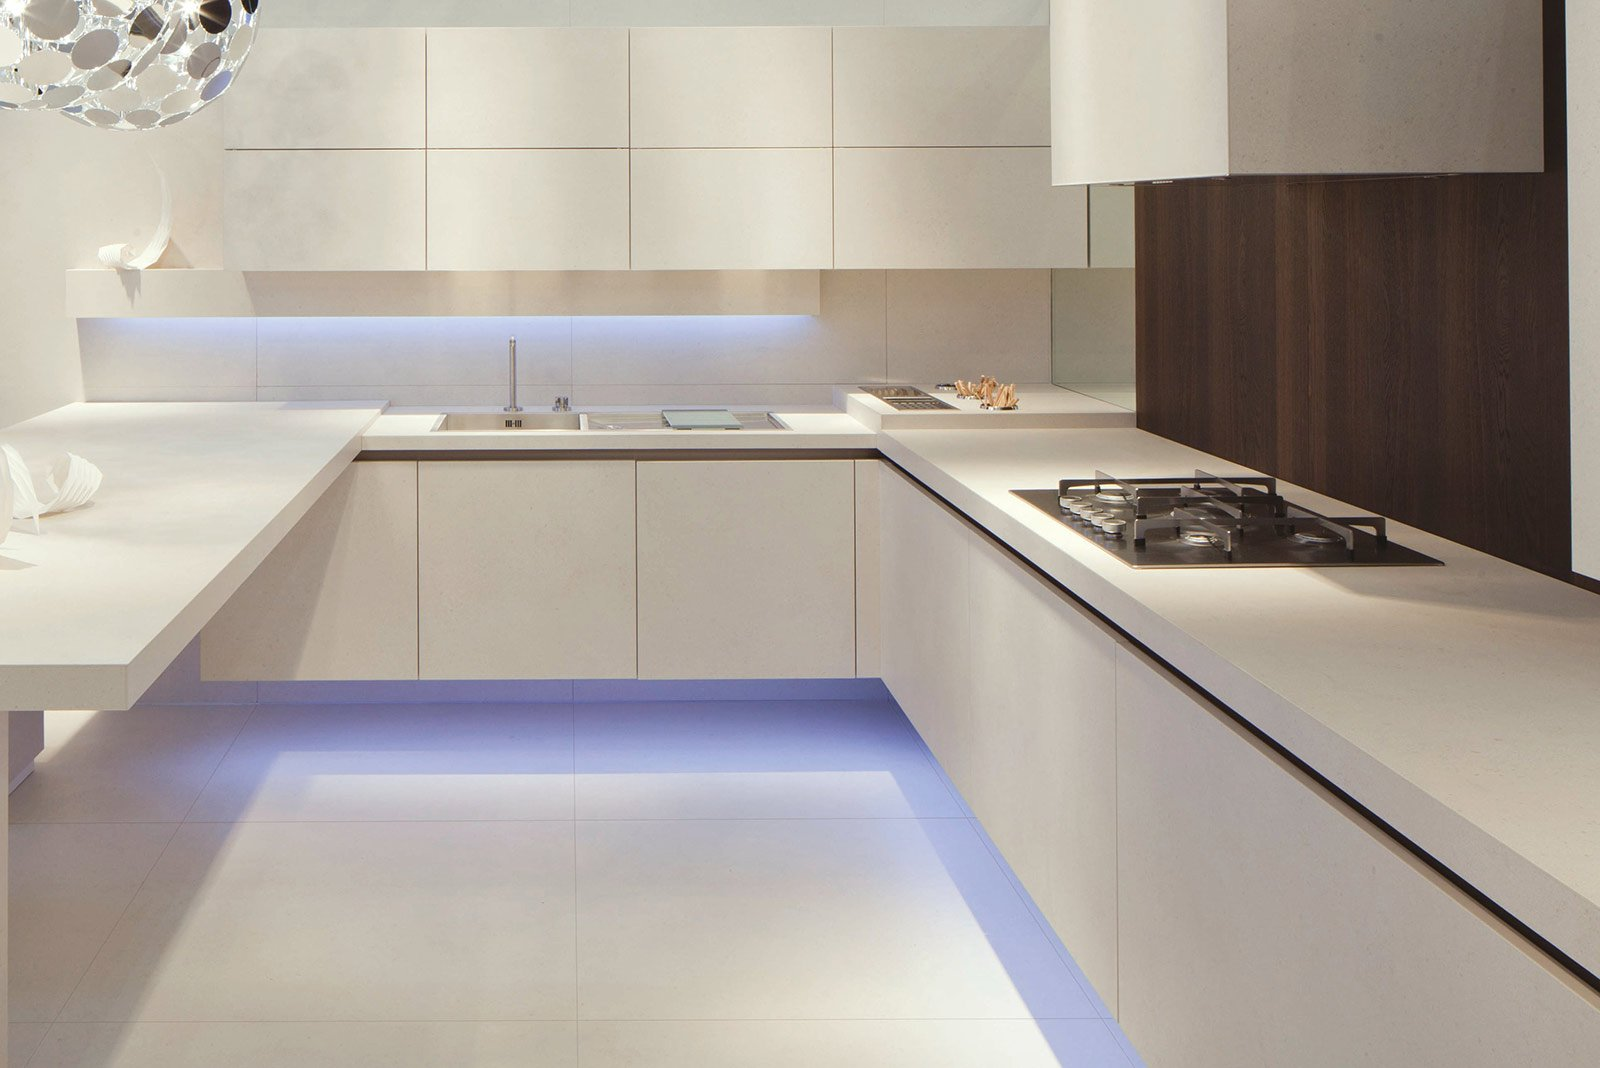 La Cucina Etherna Di Arrital Armonizza Arredo E Ambiente Puntando Per  #3E508D 1600 1068 Foto Di Cucine In Stile Provenzale